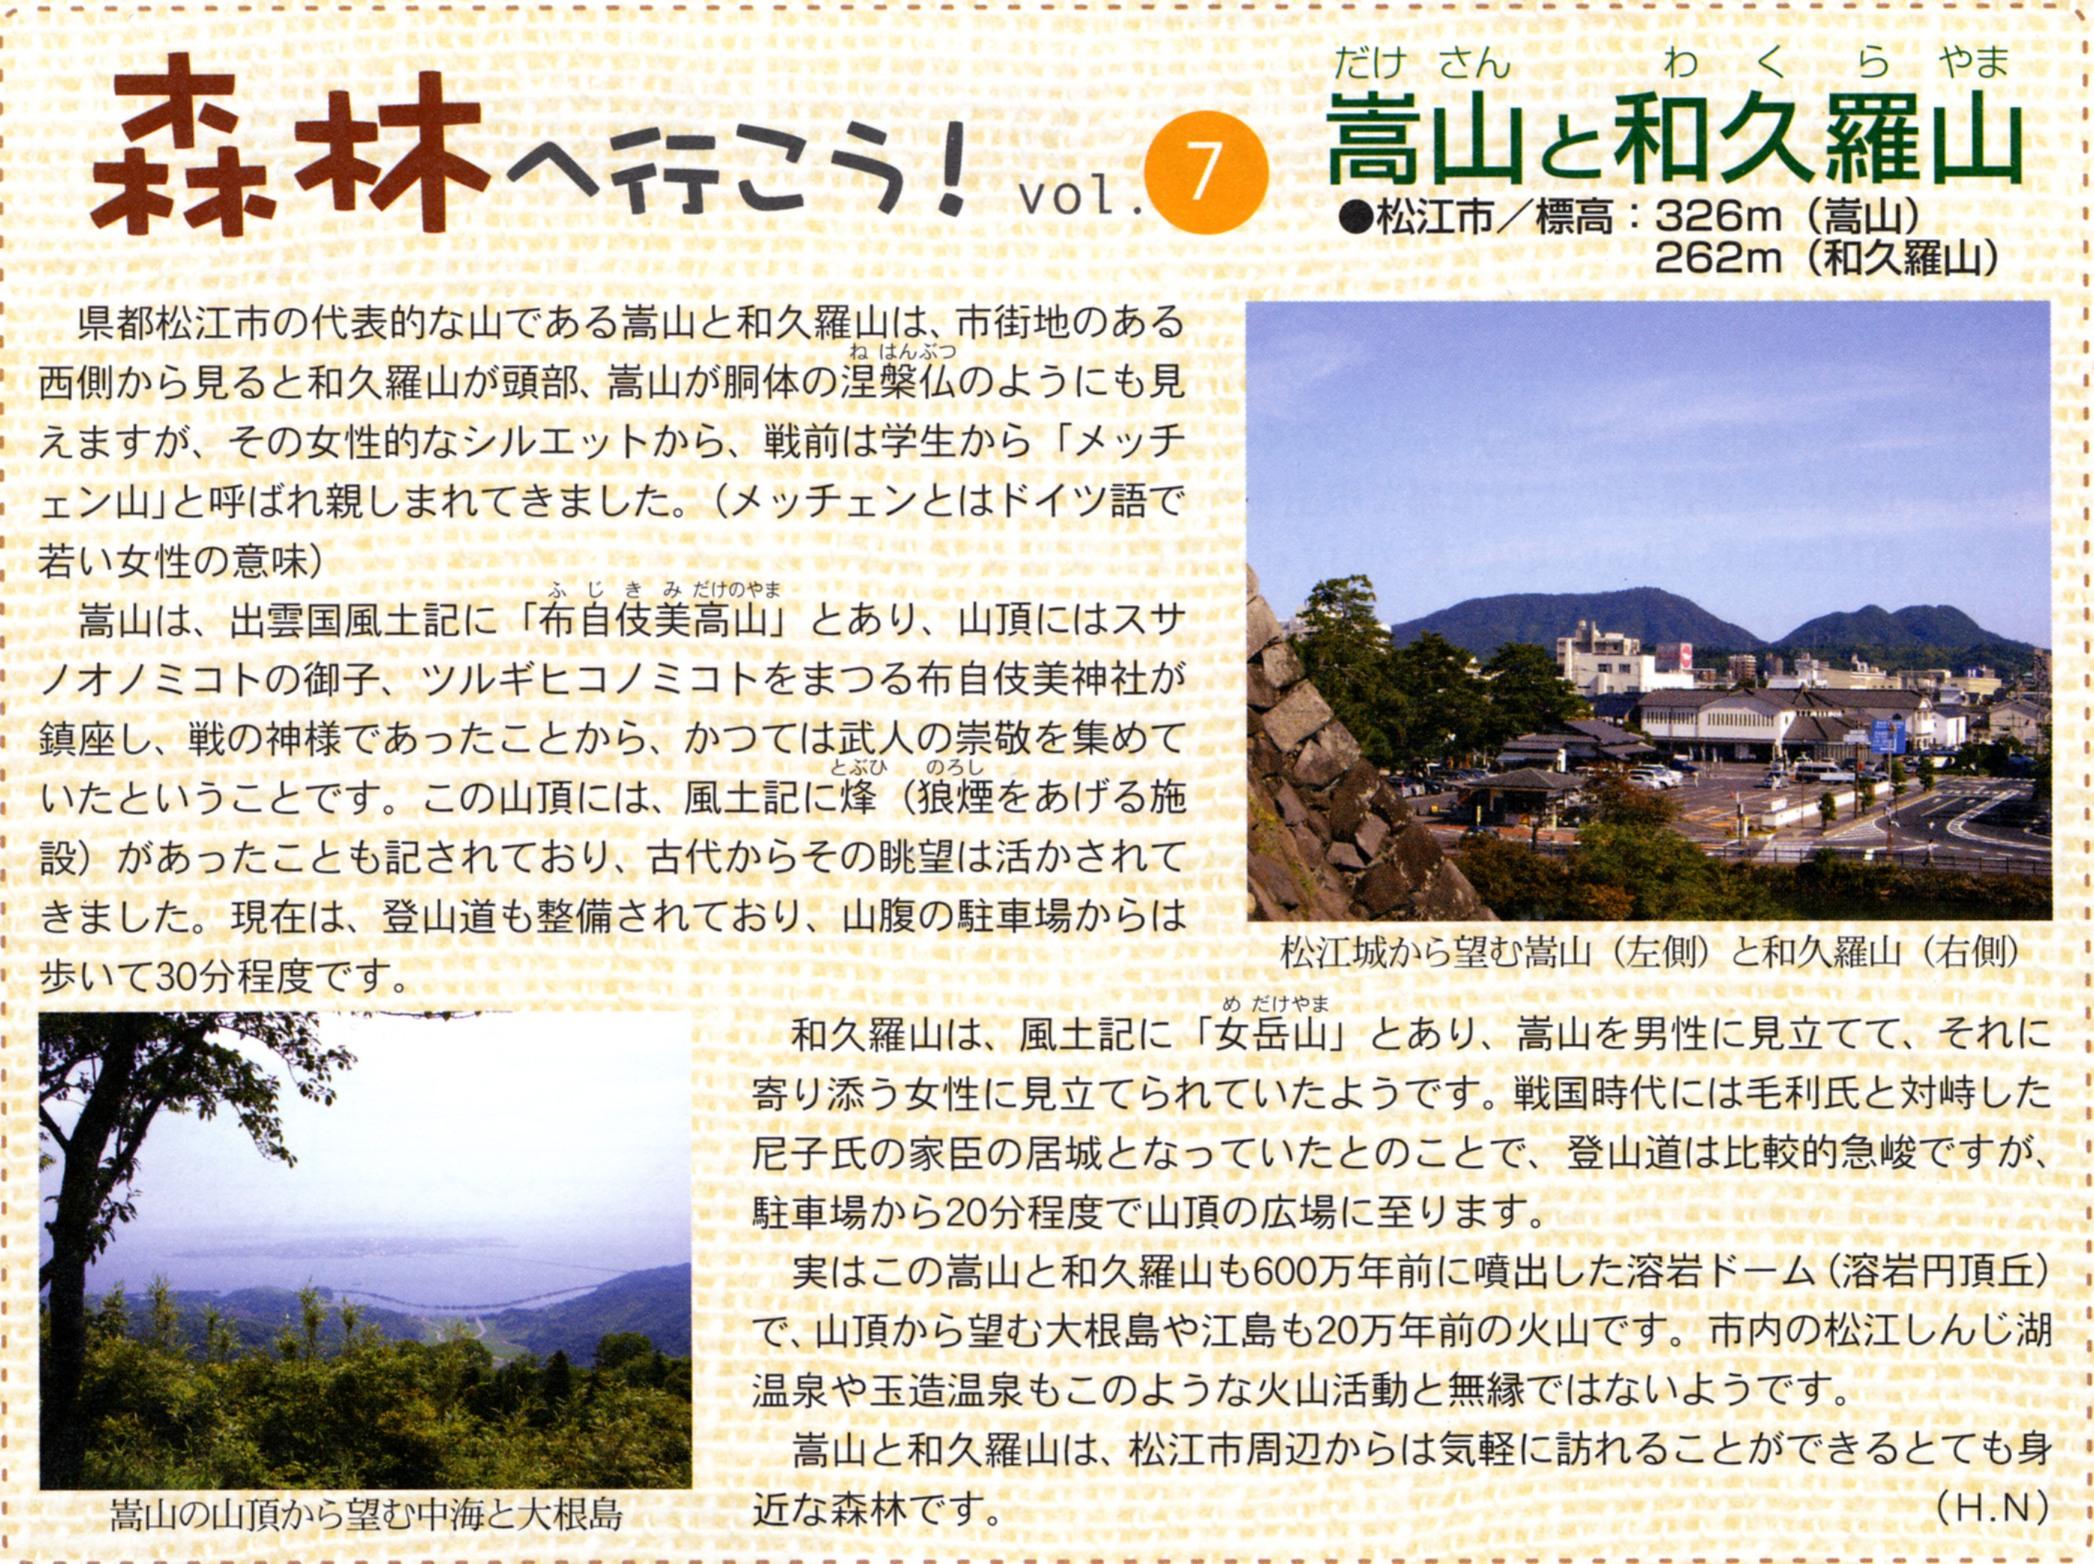 嵩山(だけさん)と和久羅山(わくらやま)の記事